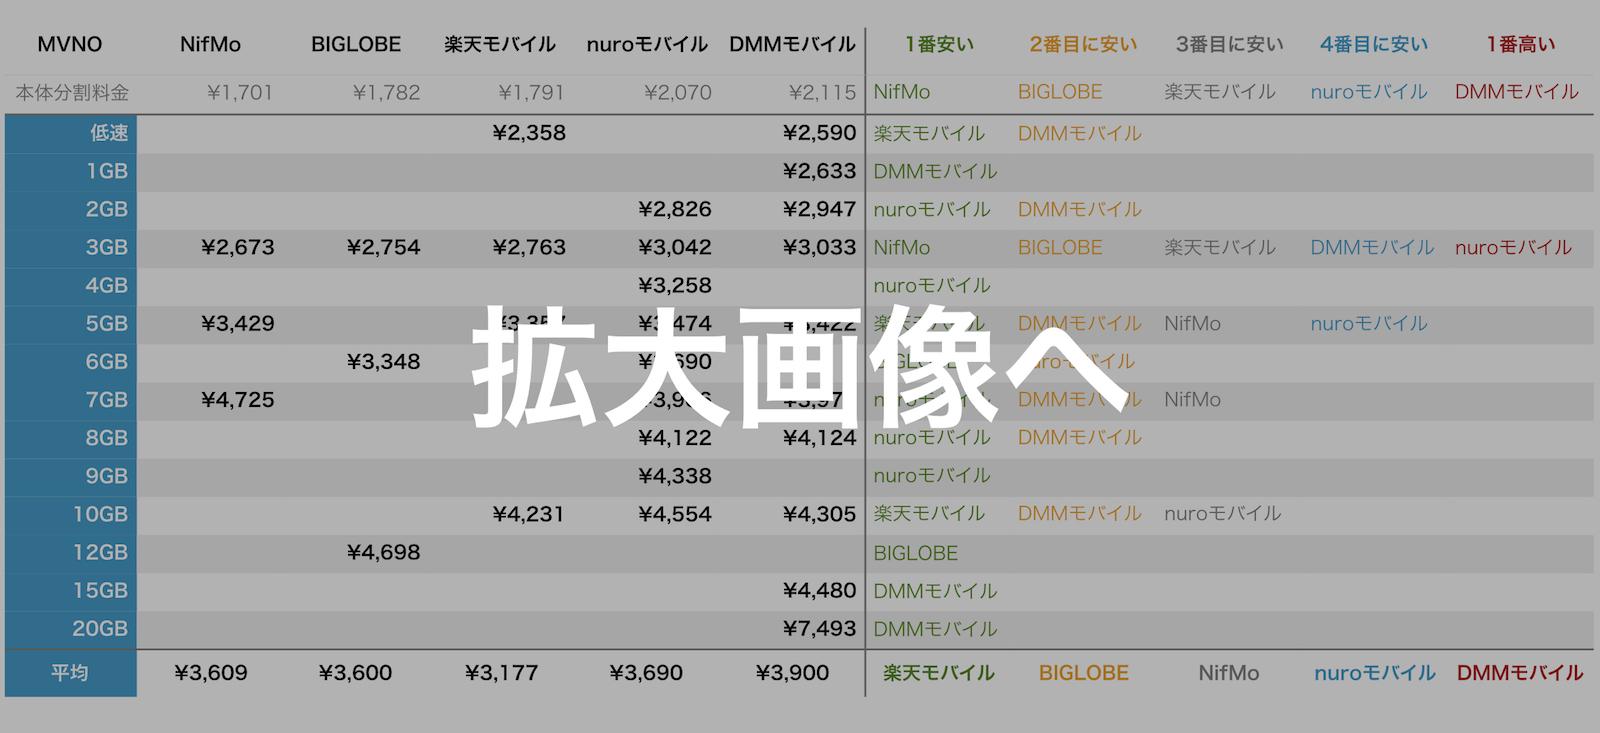 zenfone-3-mvno-compare-data-price-graph-small